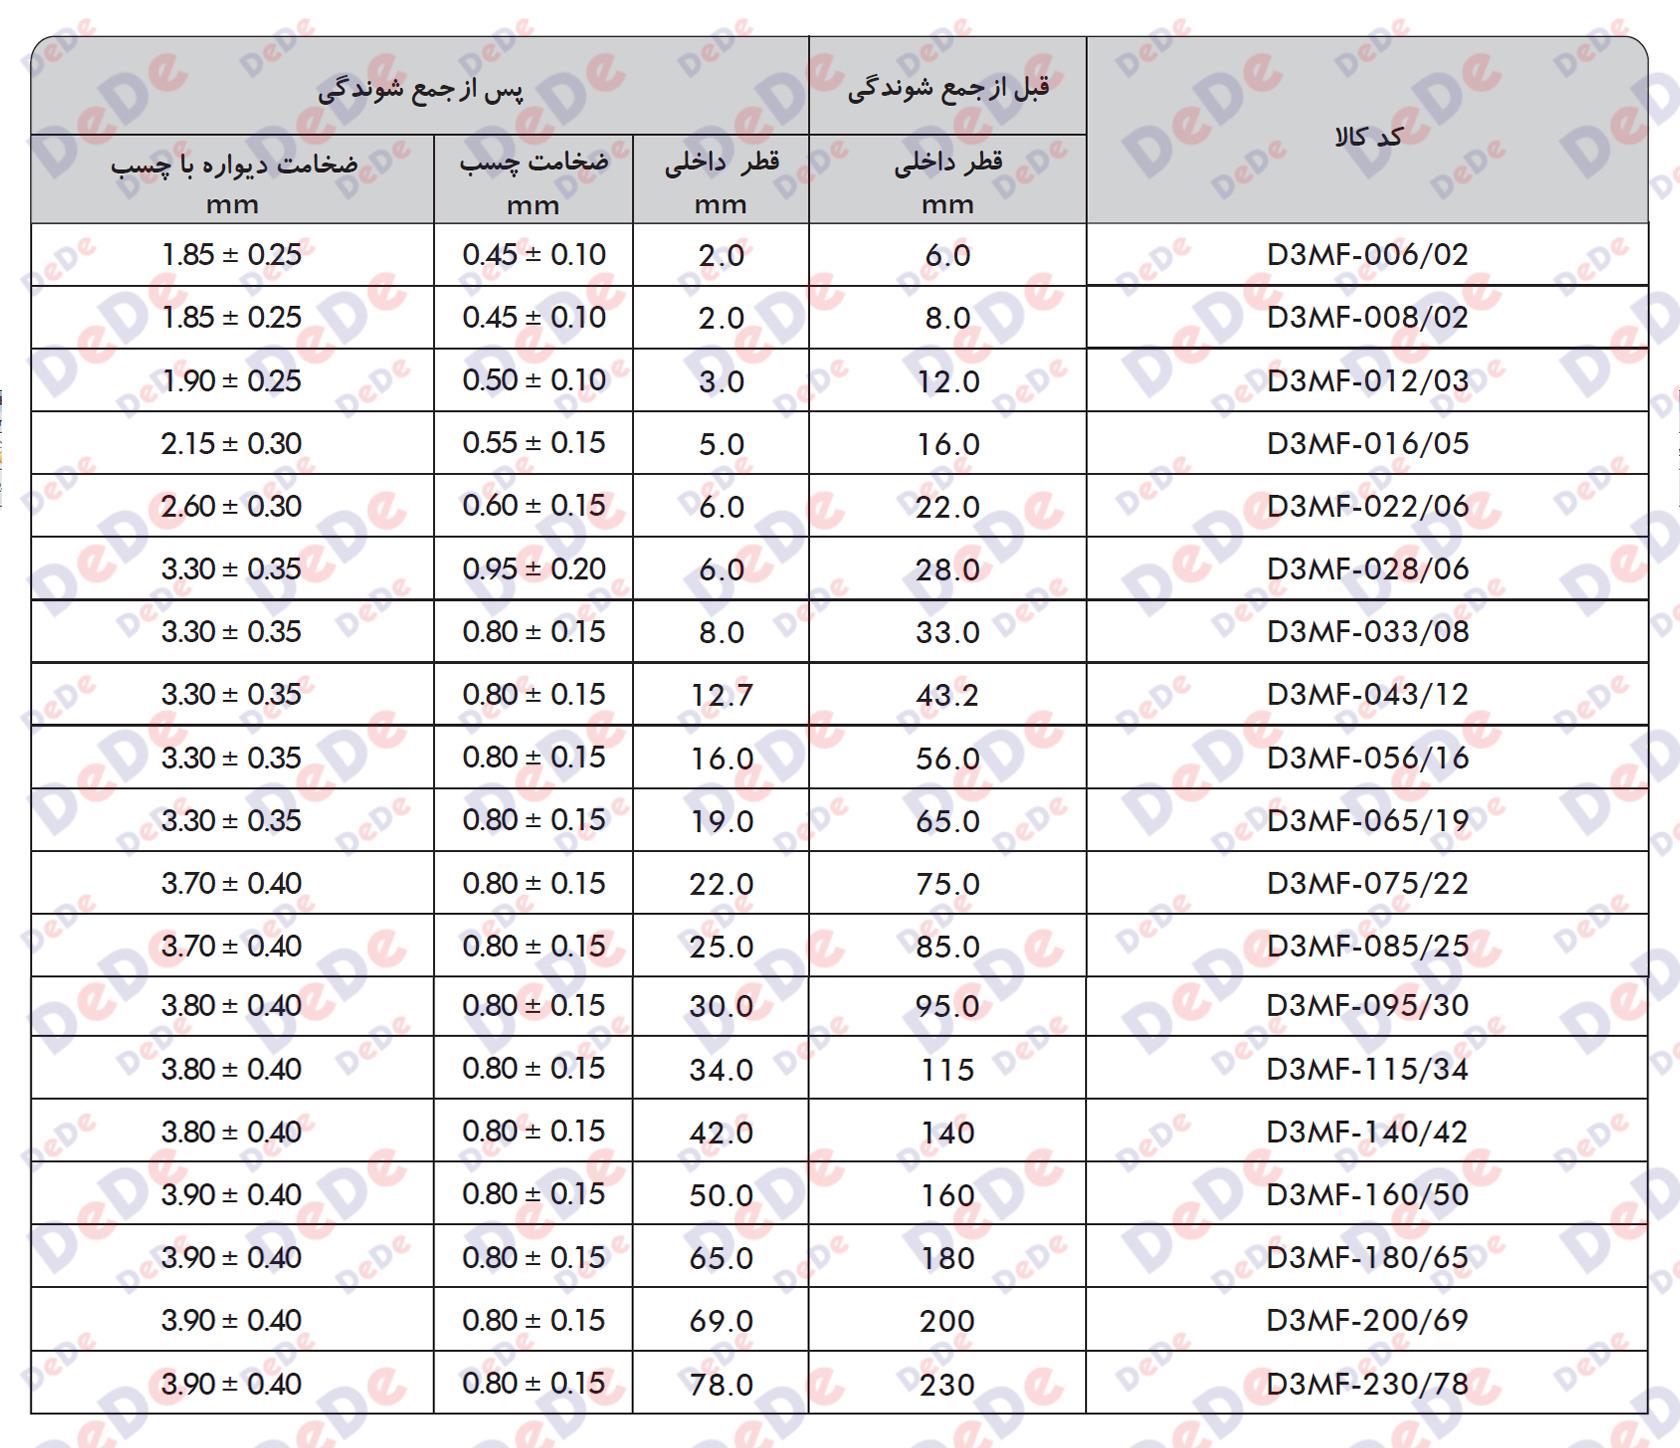 جدول نسبت جمع شوندگی روکش های حرارتی دو لایه چسب دار ضخیم